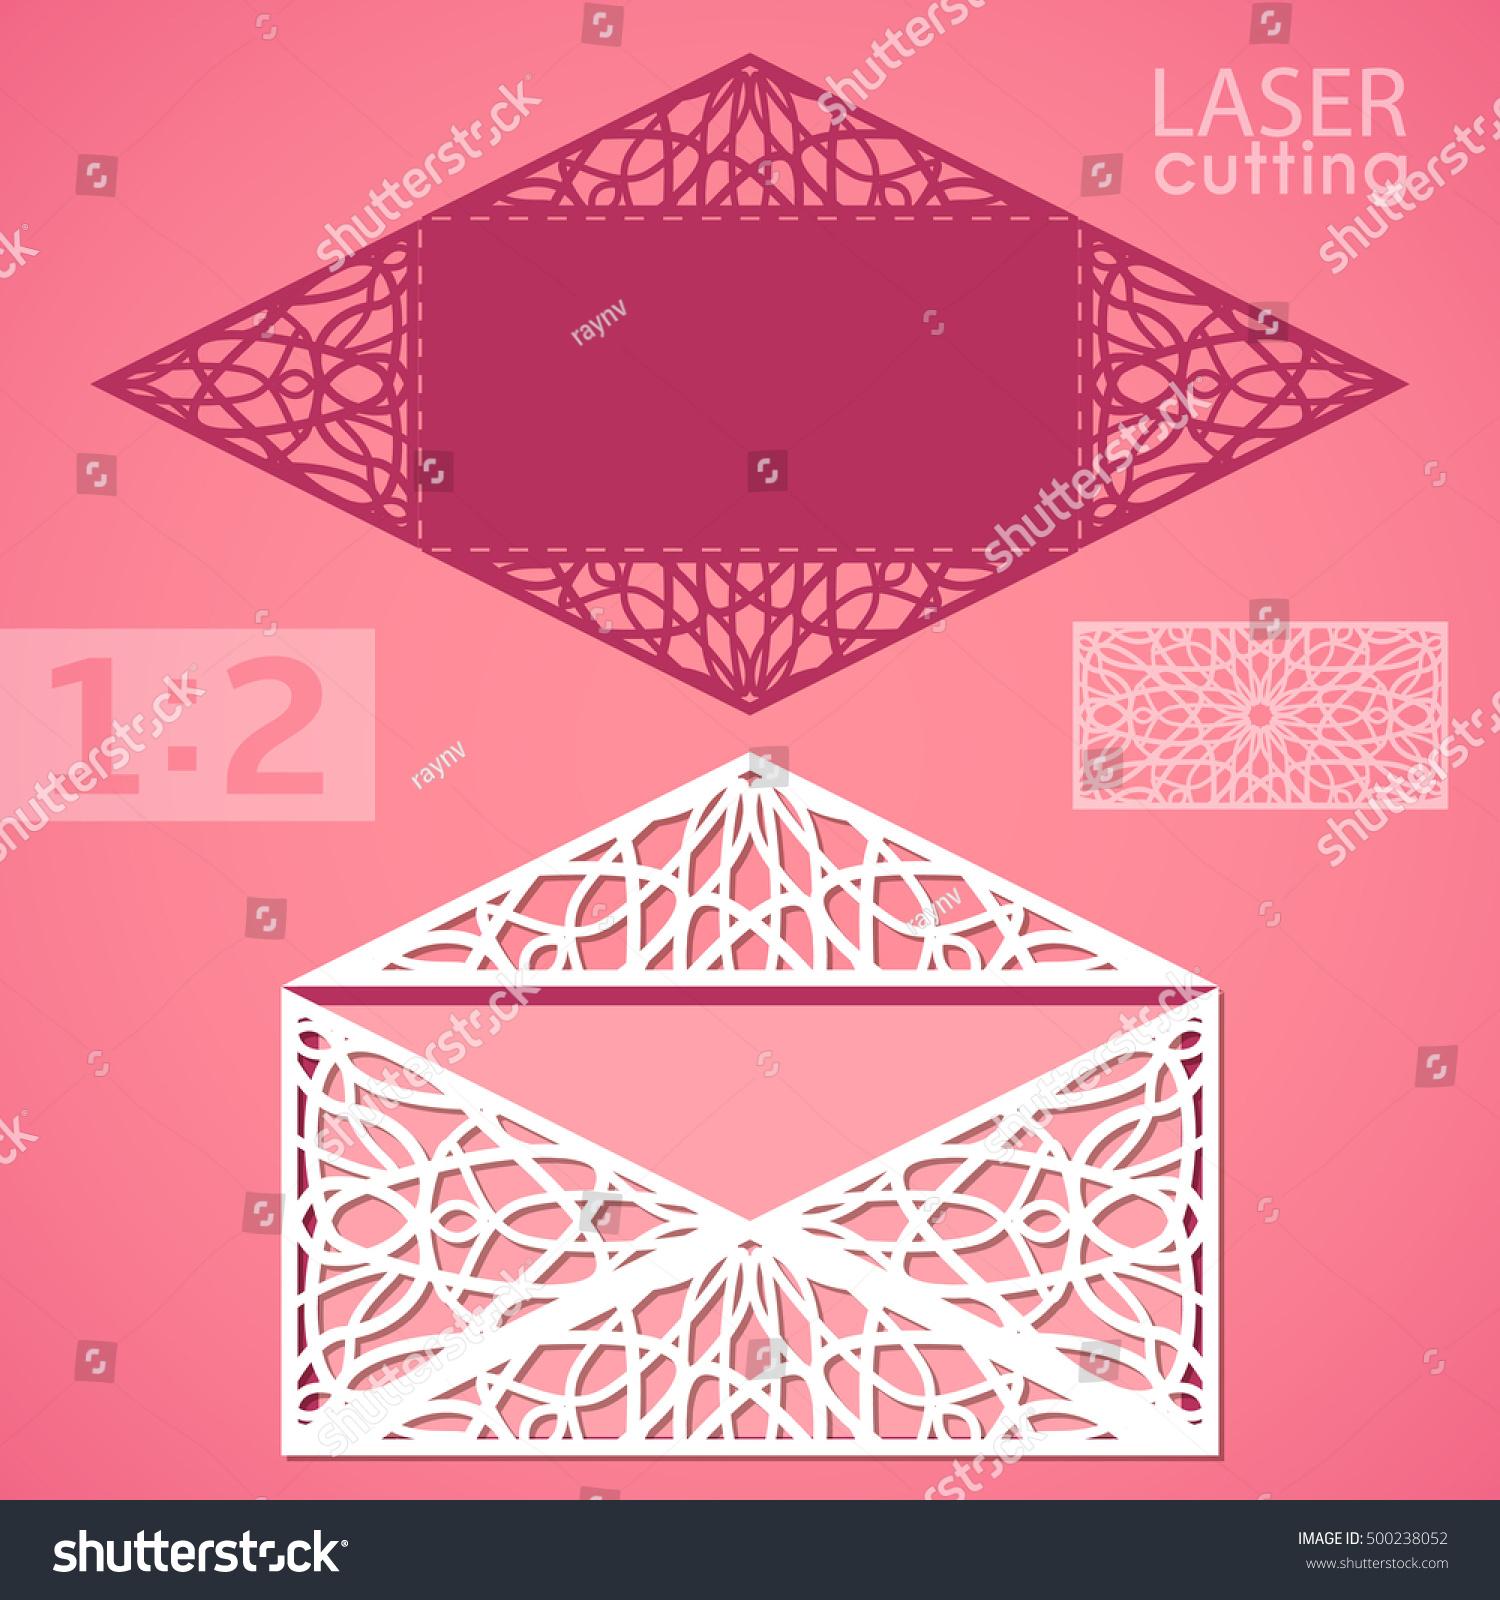 die laser cut envelope patterned corners wedding stock vector